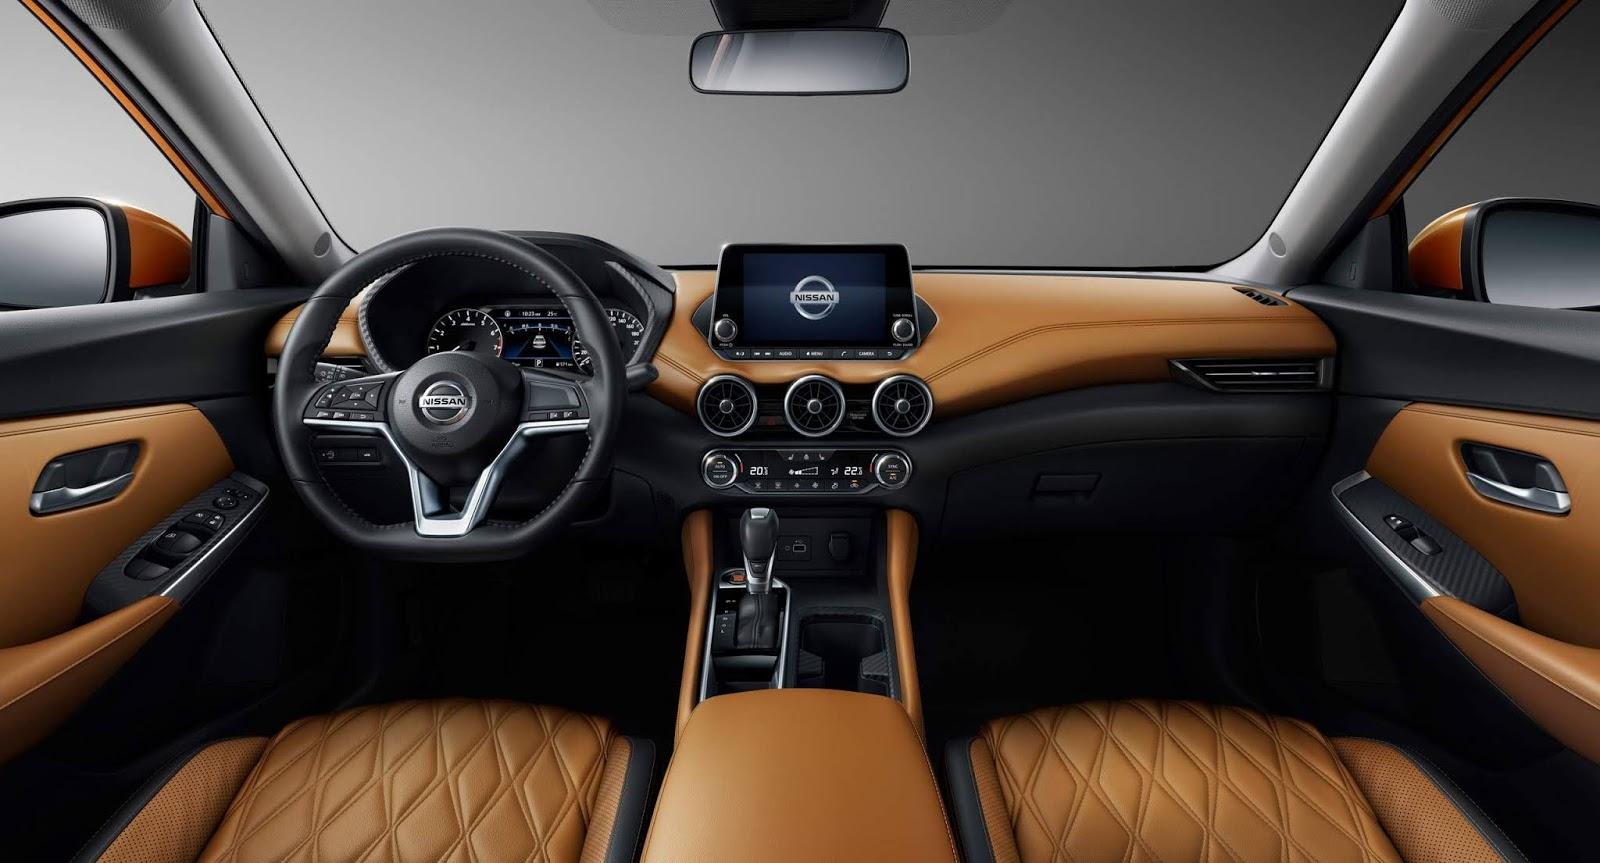 Novo Nissan Sentra 2020: fotos oficiais divulgadas   CAR ...